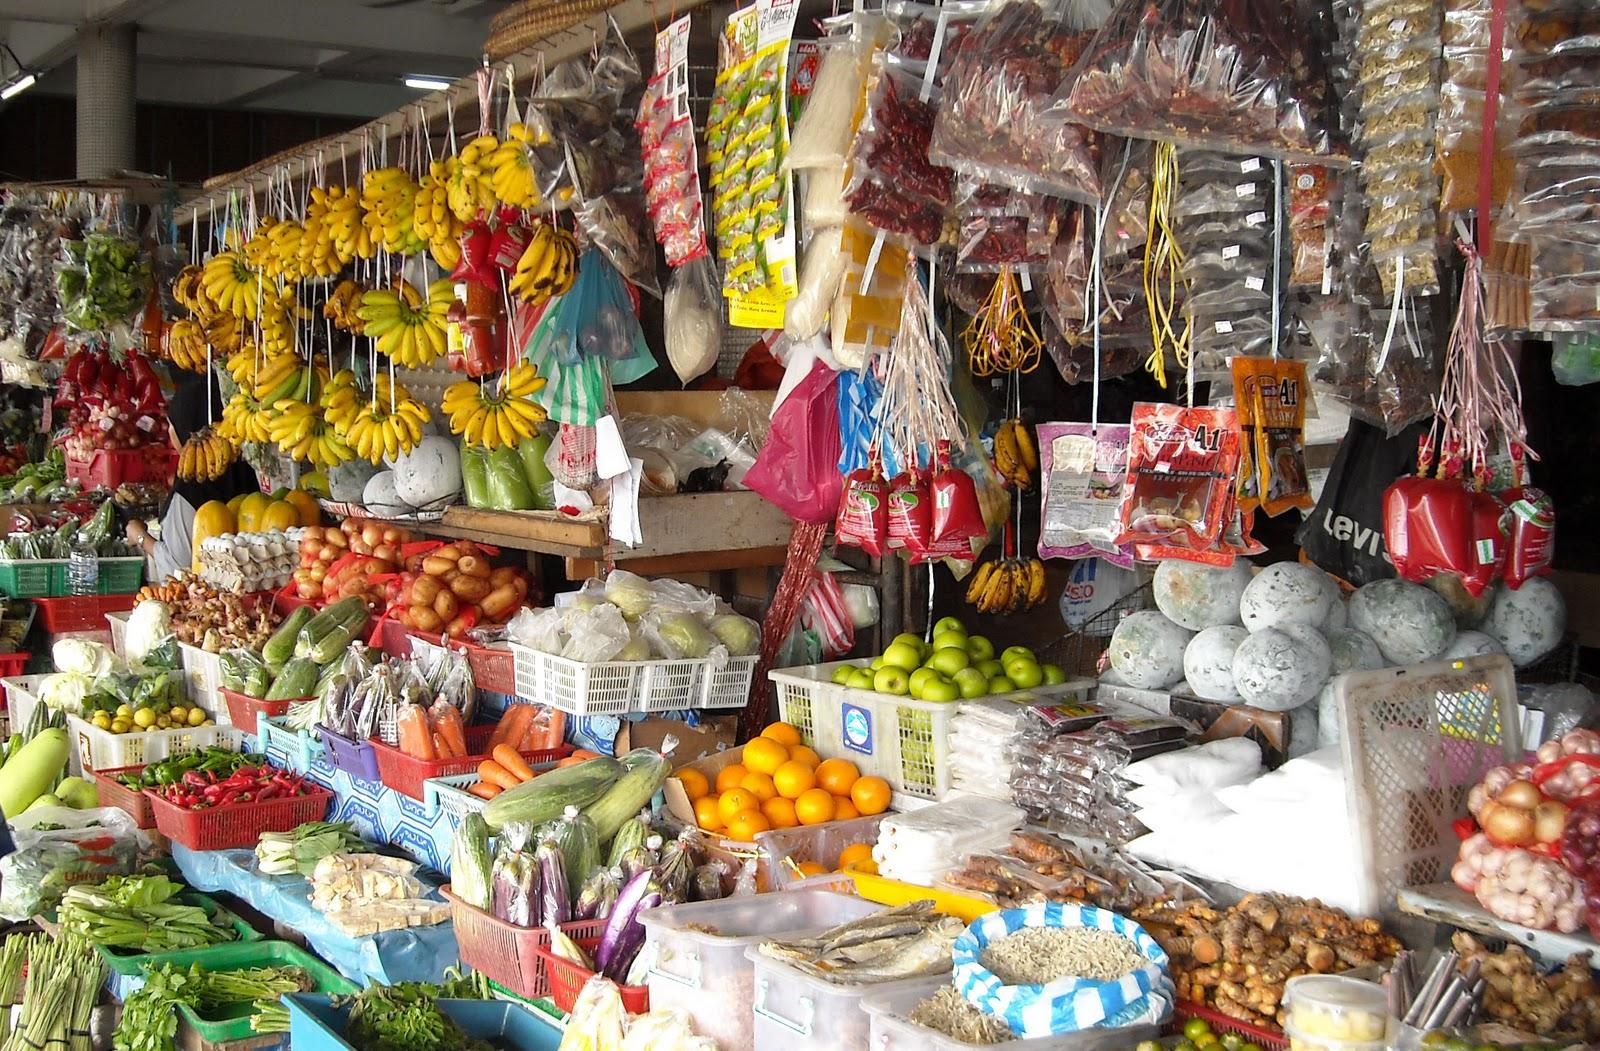 http://3.bp.blogspot.com/_zU90L6sLDZc/TPCqx0ebGSI/AAAAAAAAAH8/gIKNS0UXdck/s1600/market.jpg